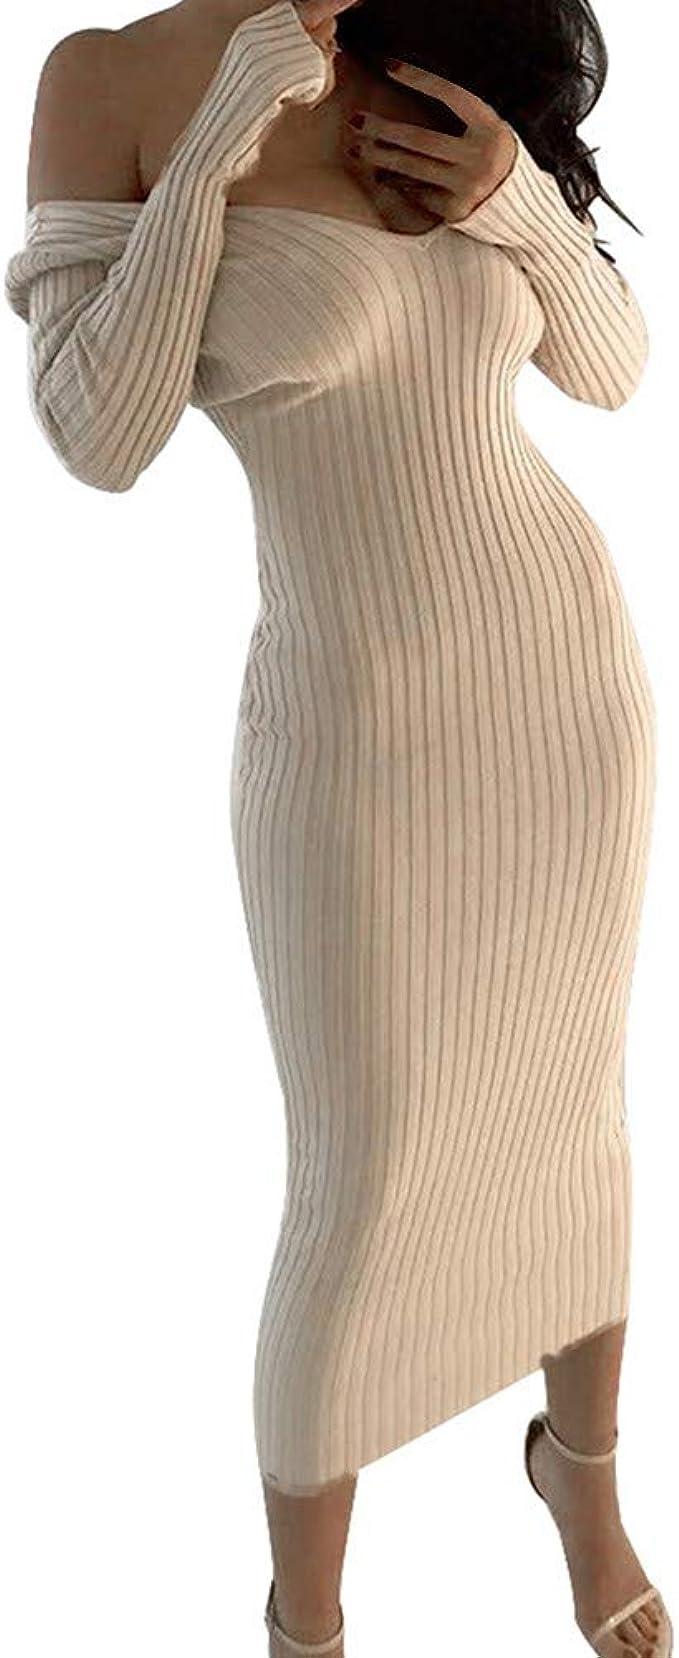 Damen Winterkleid Elegant Schulterfrei Abendkleider Langarm Pullover Kleid  V-Ausschnitt Herbstkleid Strickkleid Slim Maxikleid Bodycon Kleid Lang